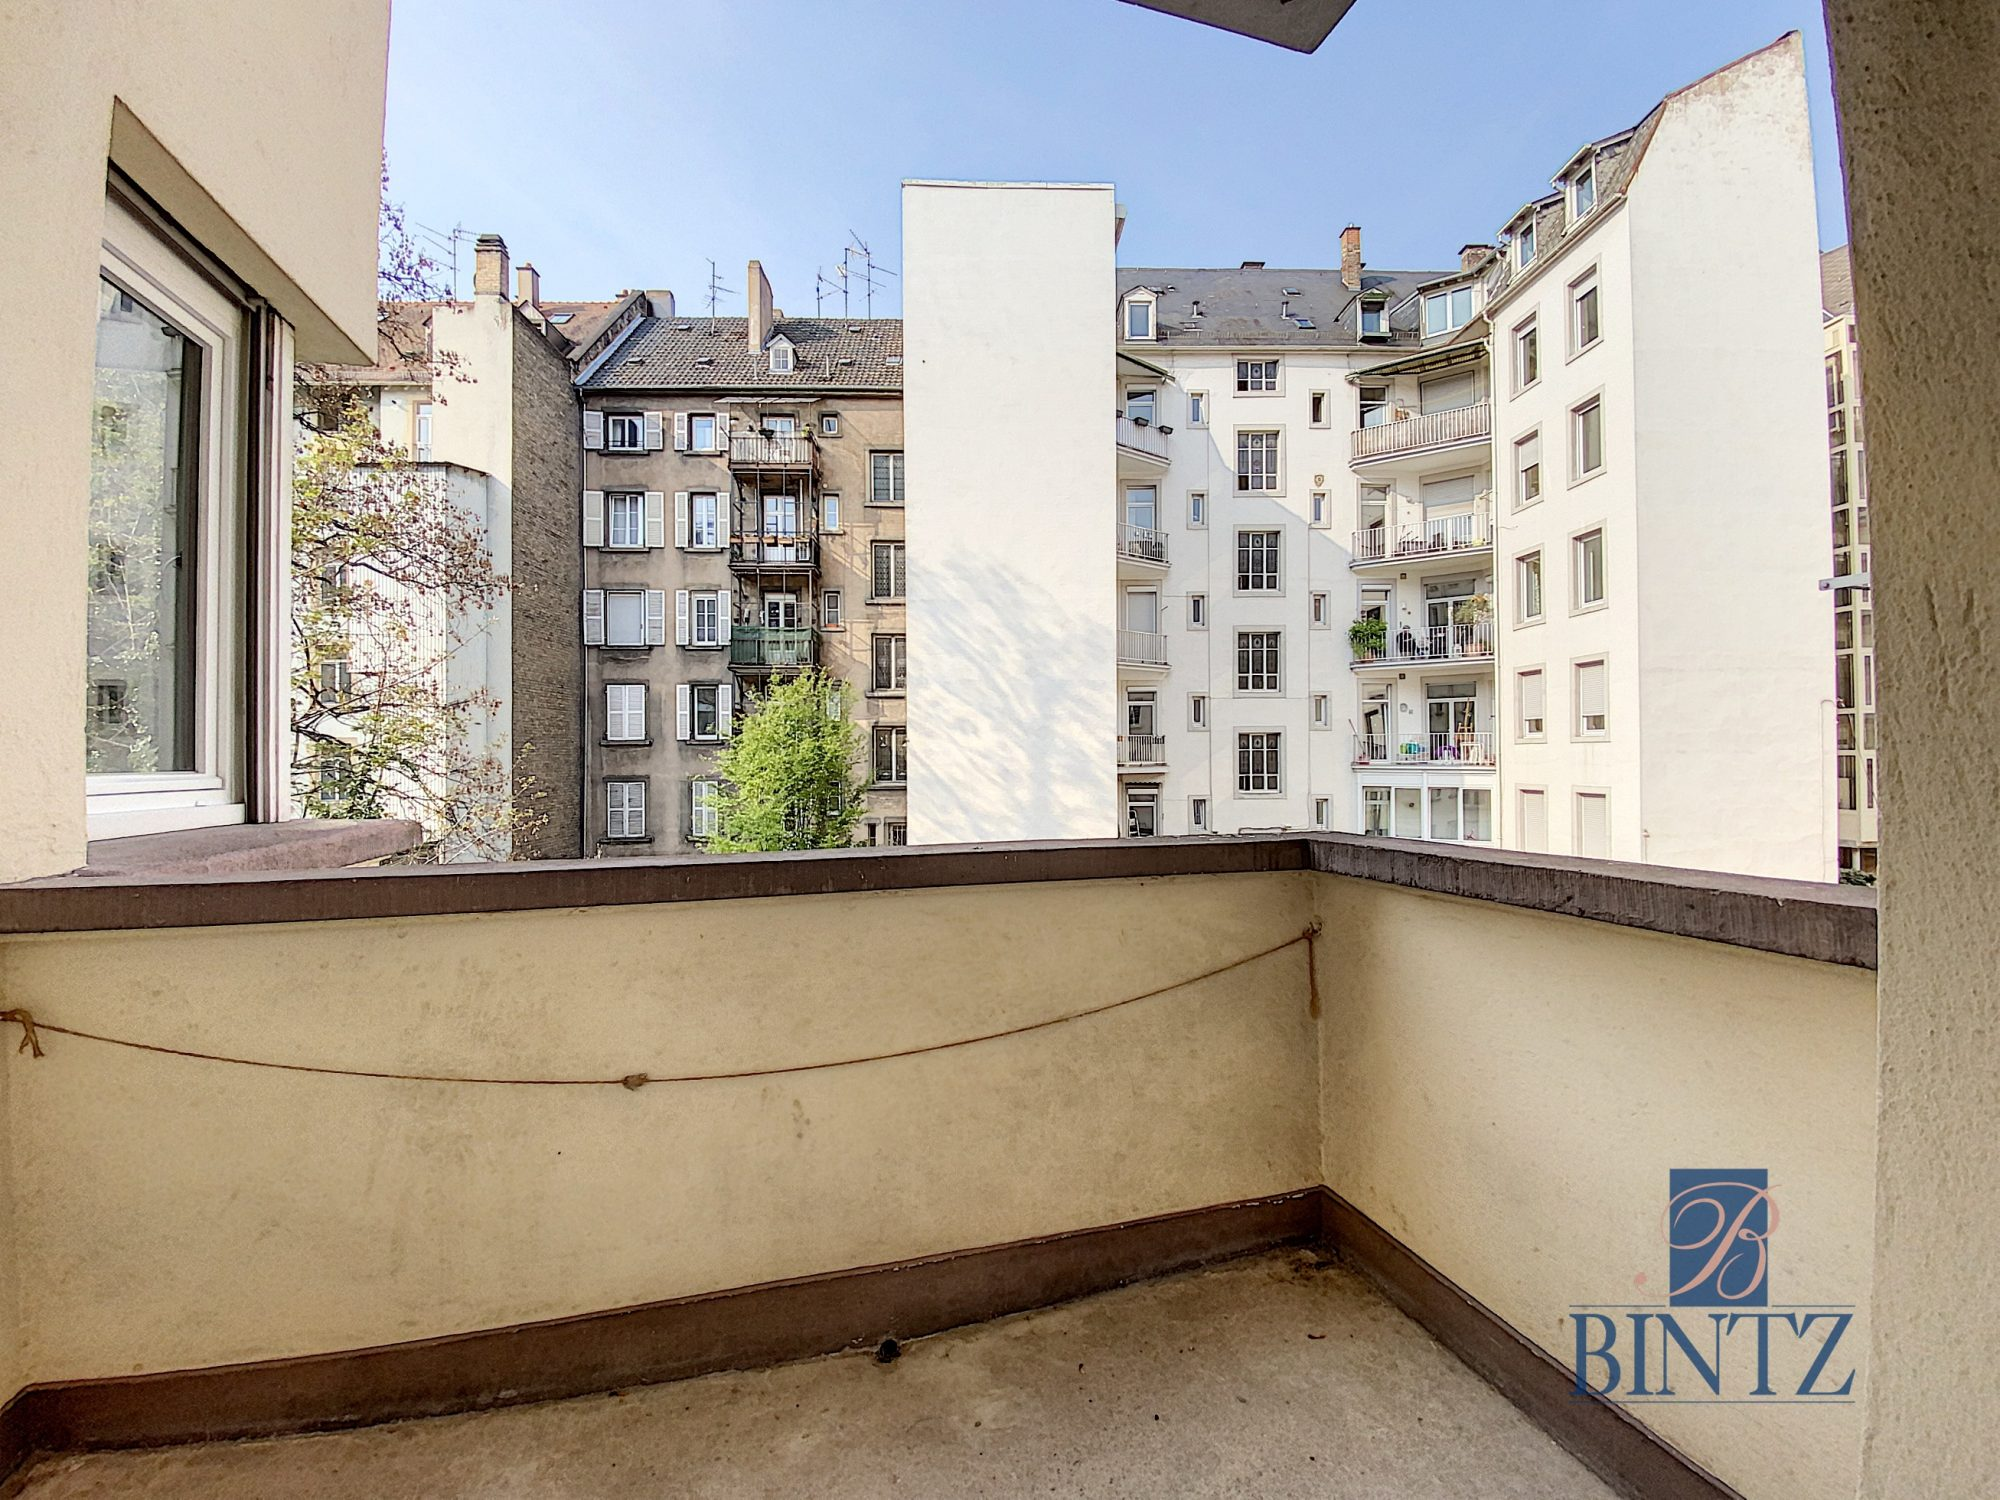 2 pièces orangerie avec balcon - Devenez locataire en toute sérénité - Bintz Immobilier - 5